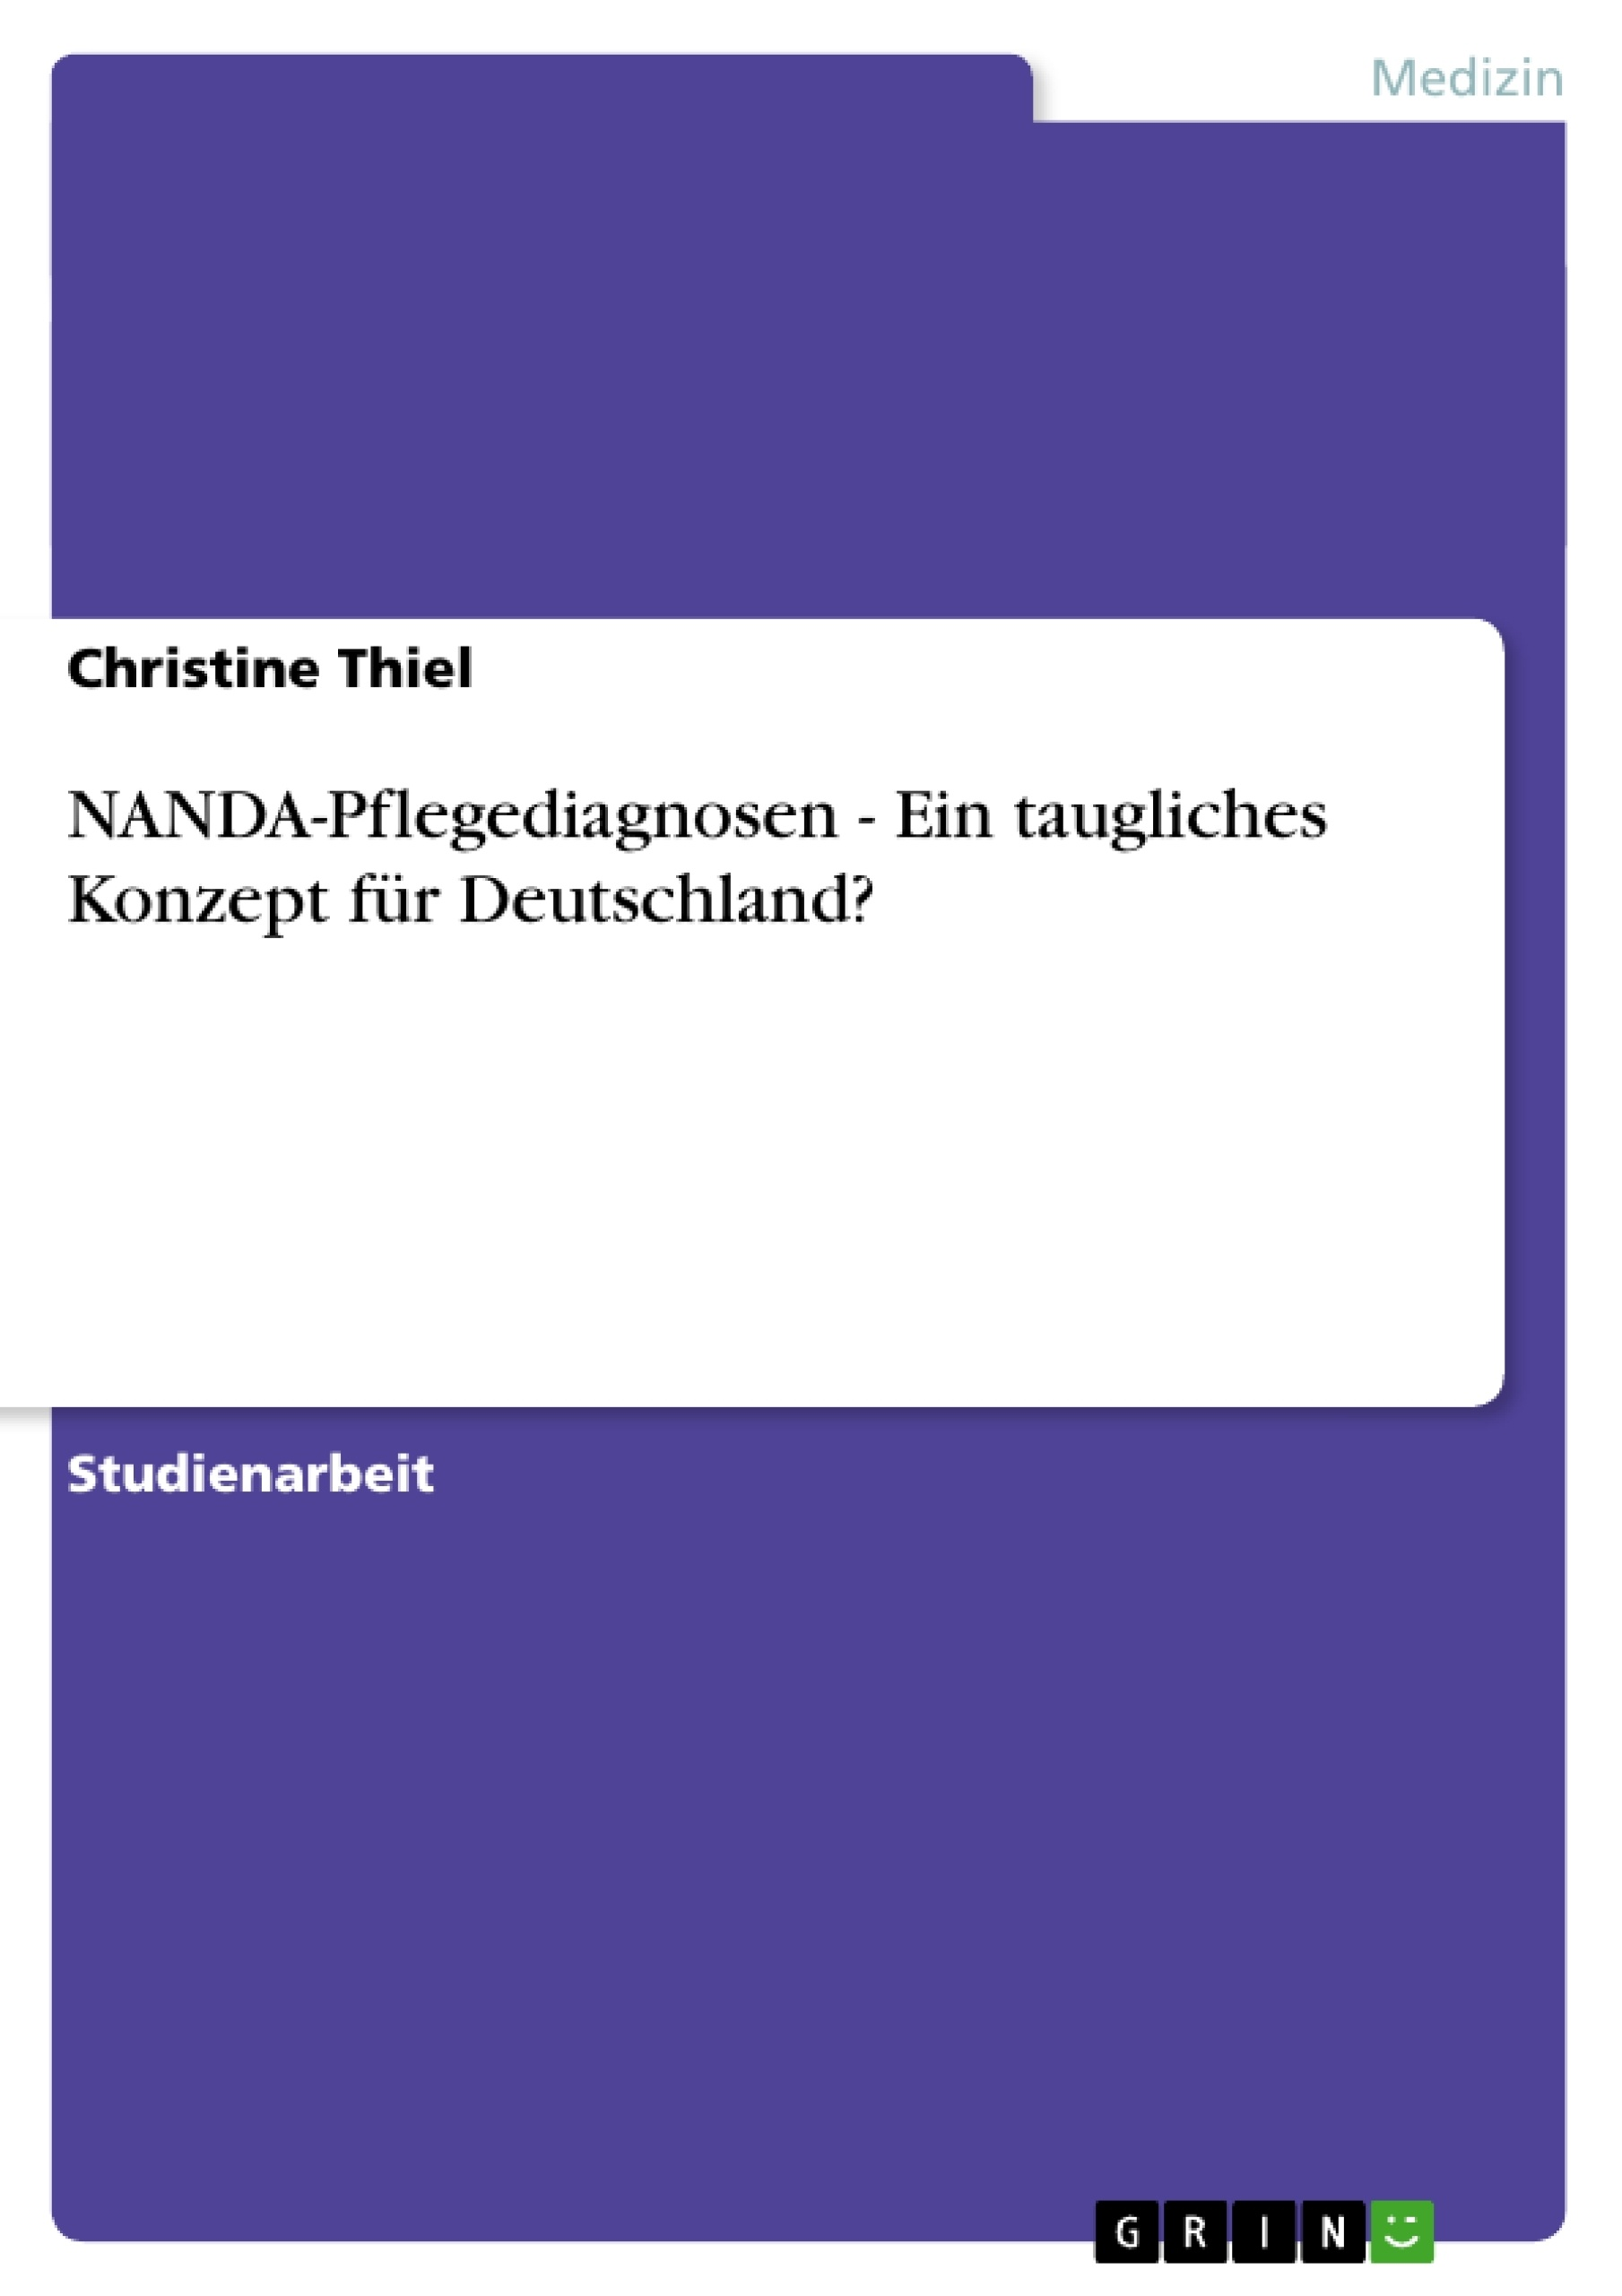 Titel: NANDA-Pflegediagnosen - Ein taugliches Konzept für Deutschland?